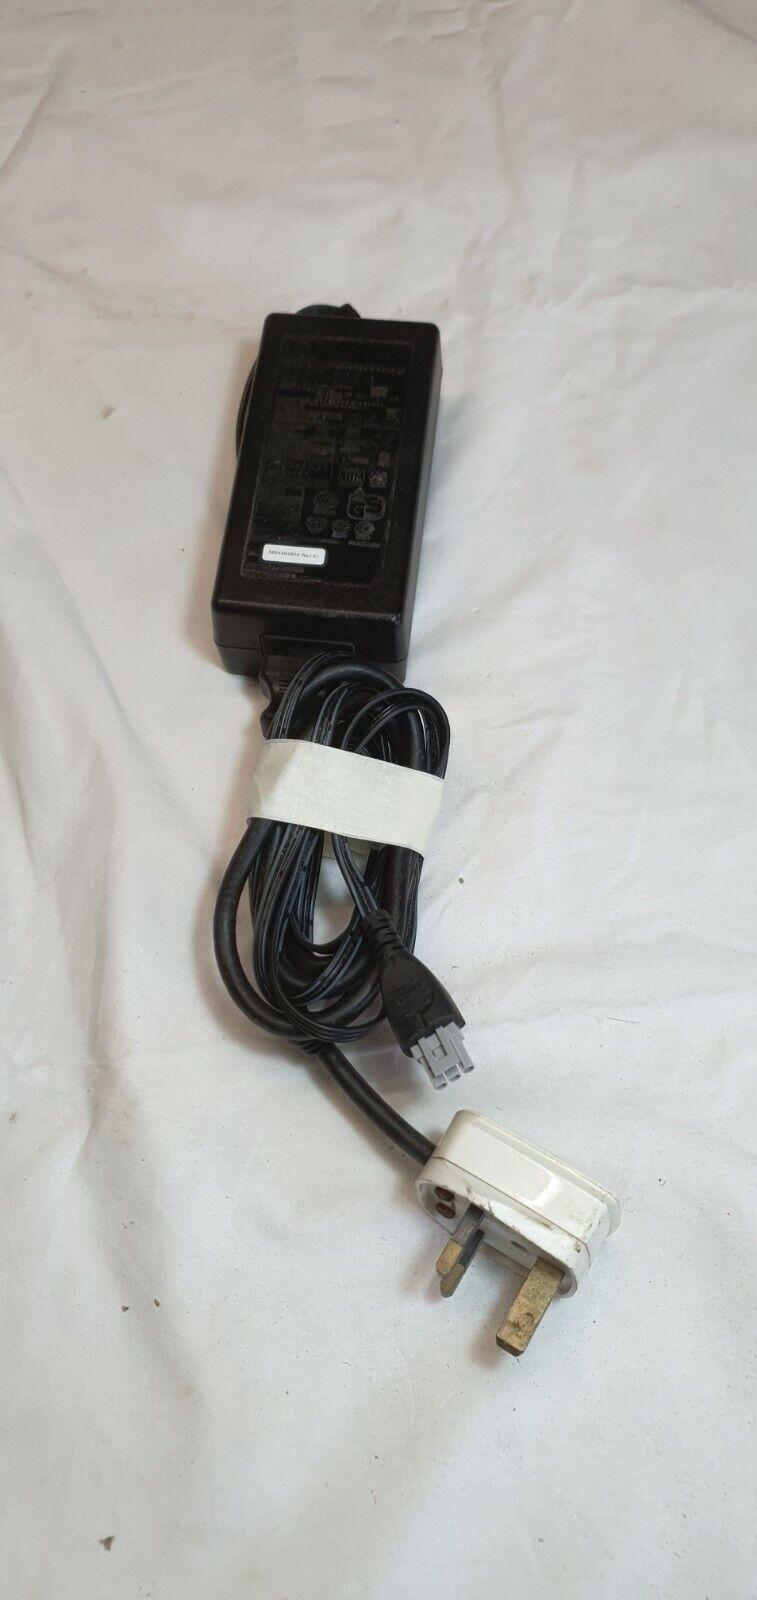 HP 0957-2094 Adapter Power Supply 32V @ 940mA & 16V @ 625mA (G)